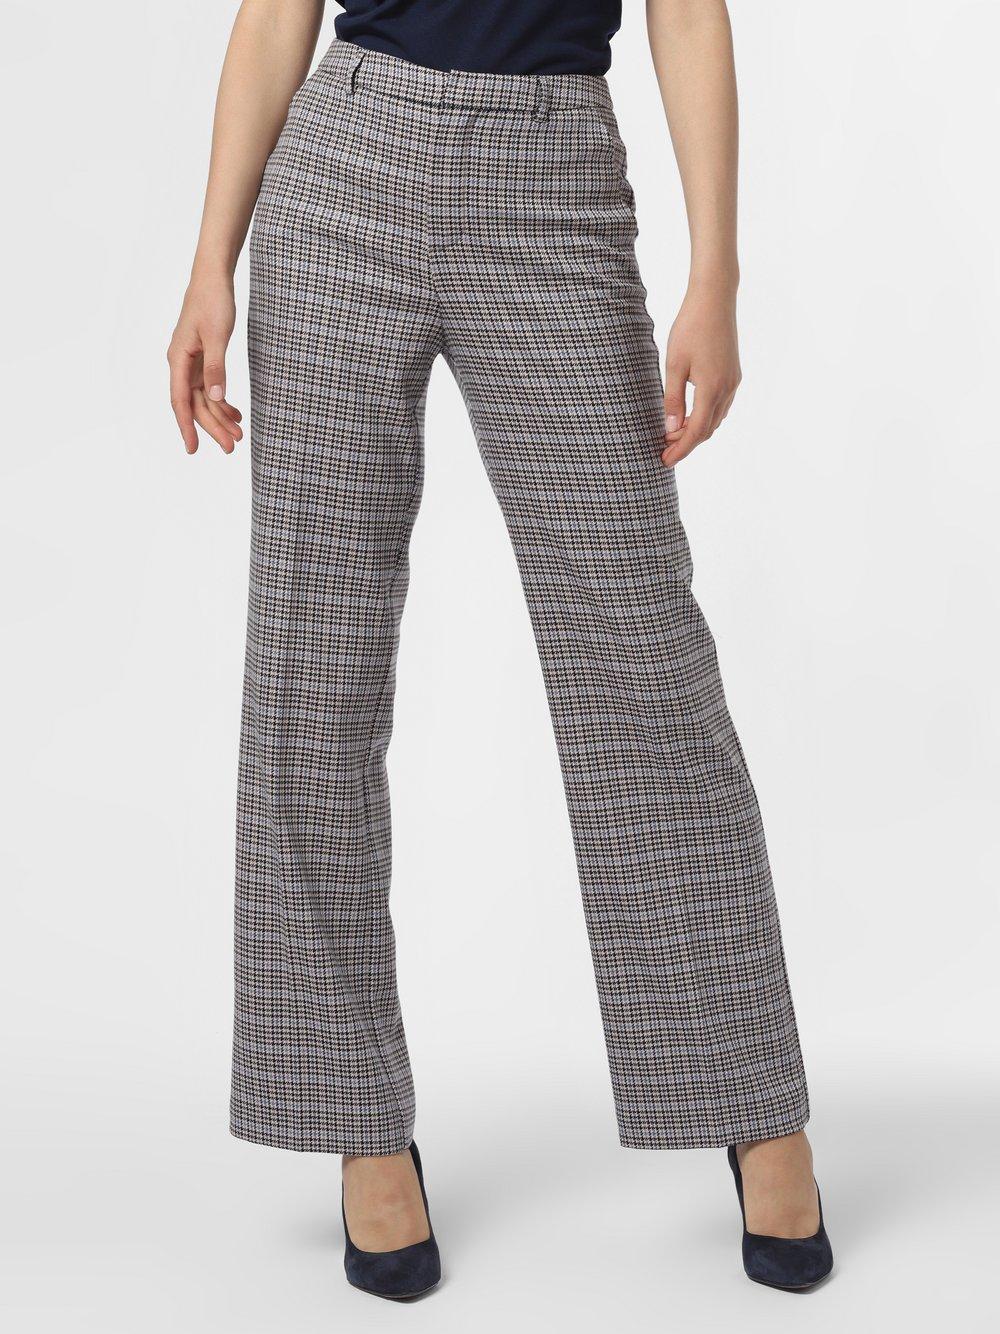 Apriori - Spodnie damskie, beżowy